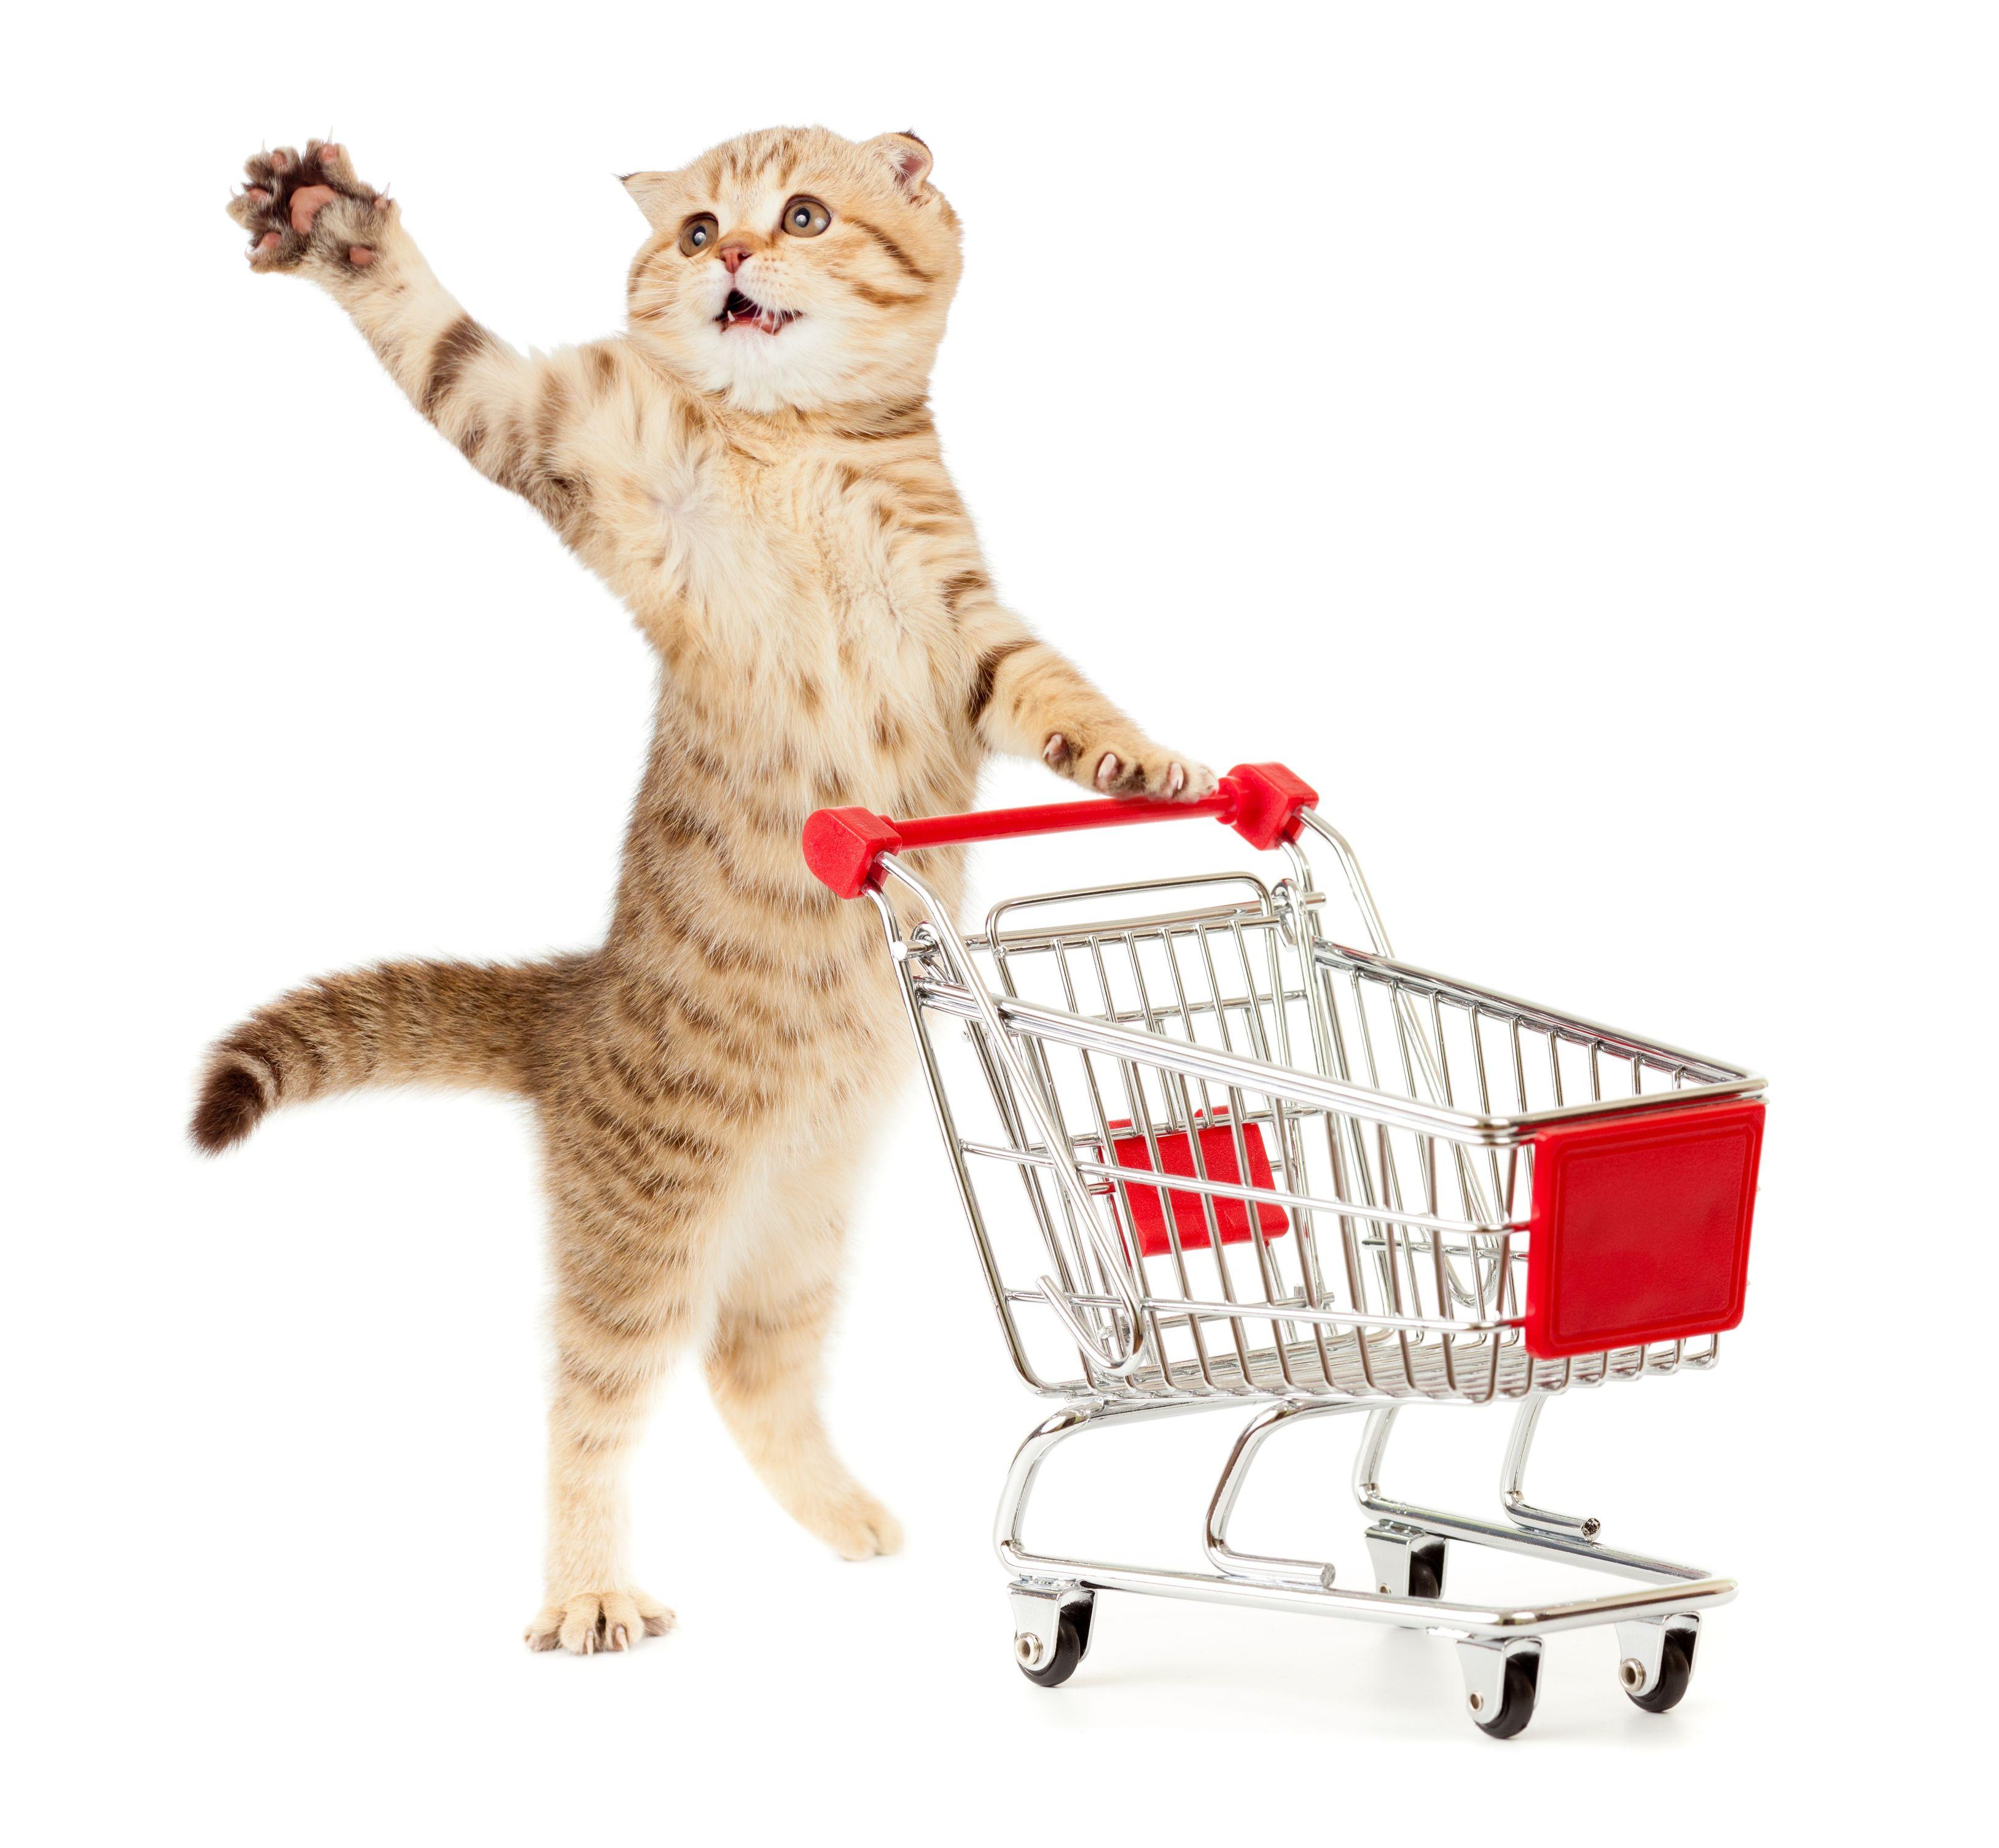 ¿A dónde comprar los productos?